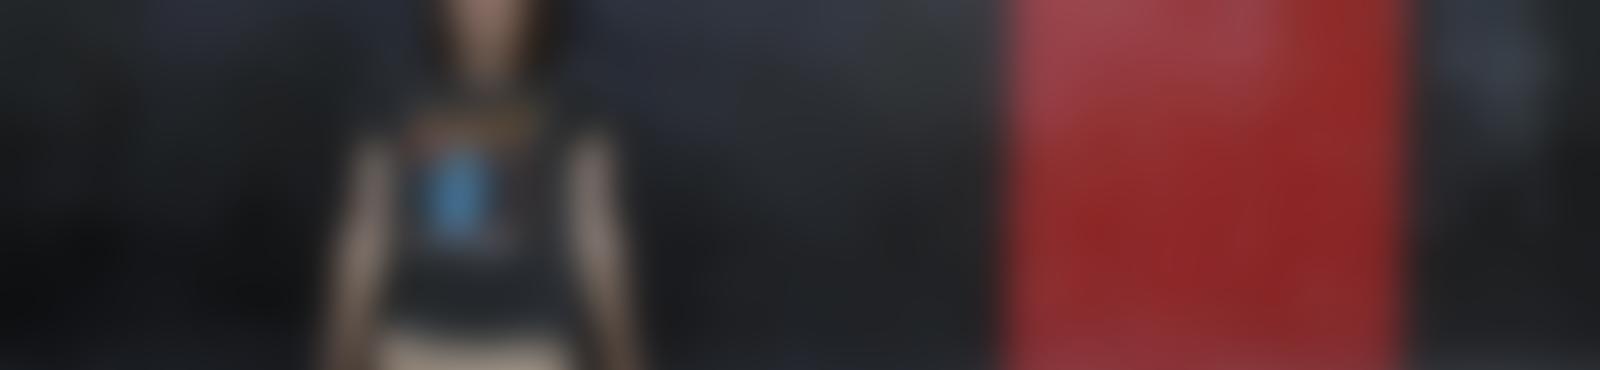 Blurred 3ea839e0 1b81 4805 98d6 b55f3797a965